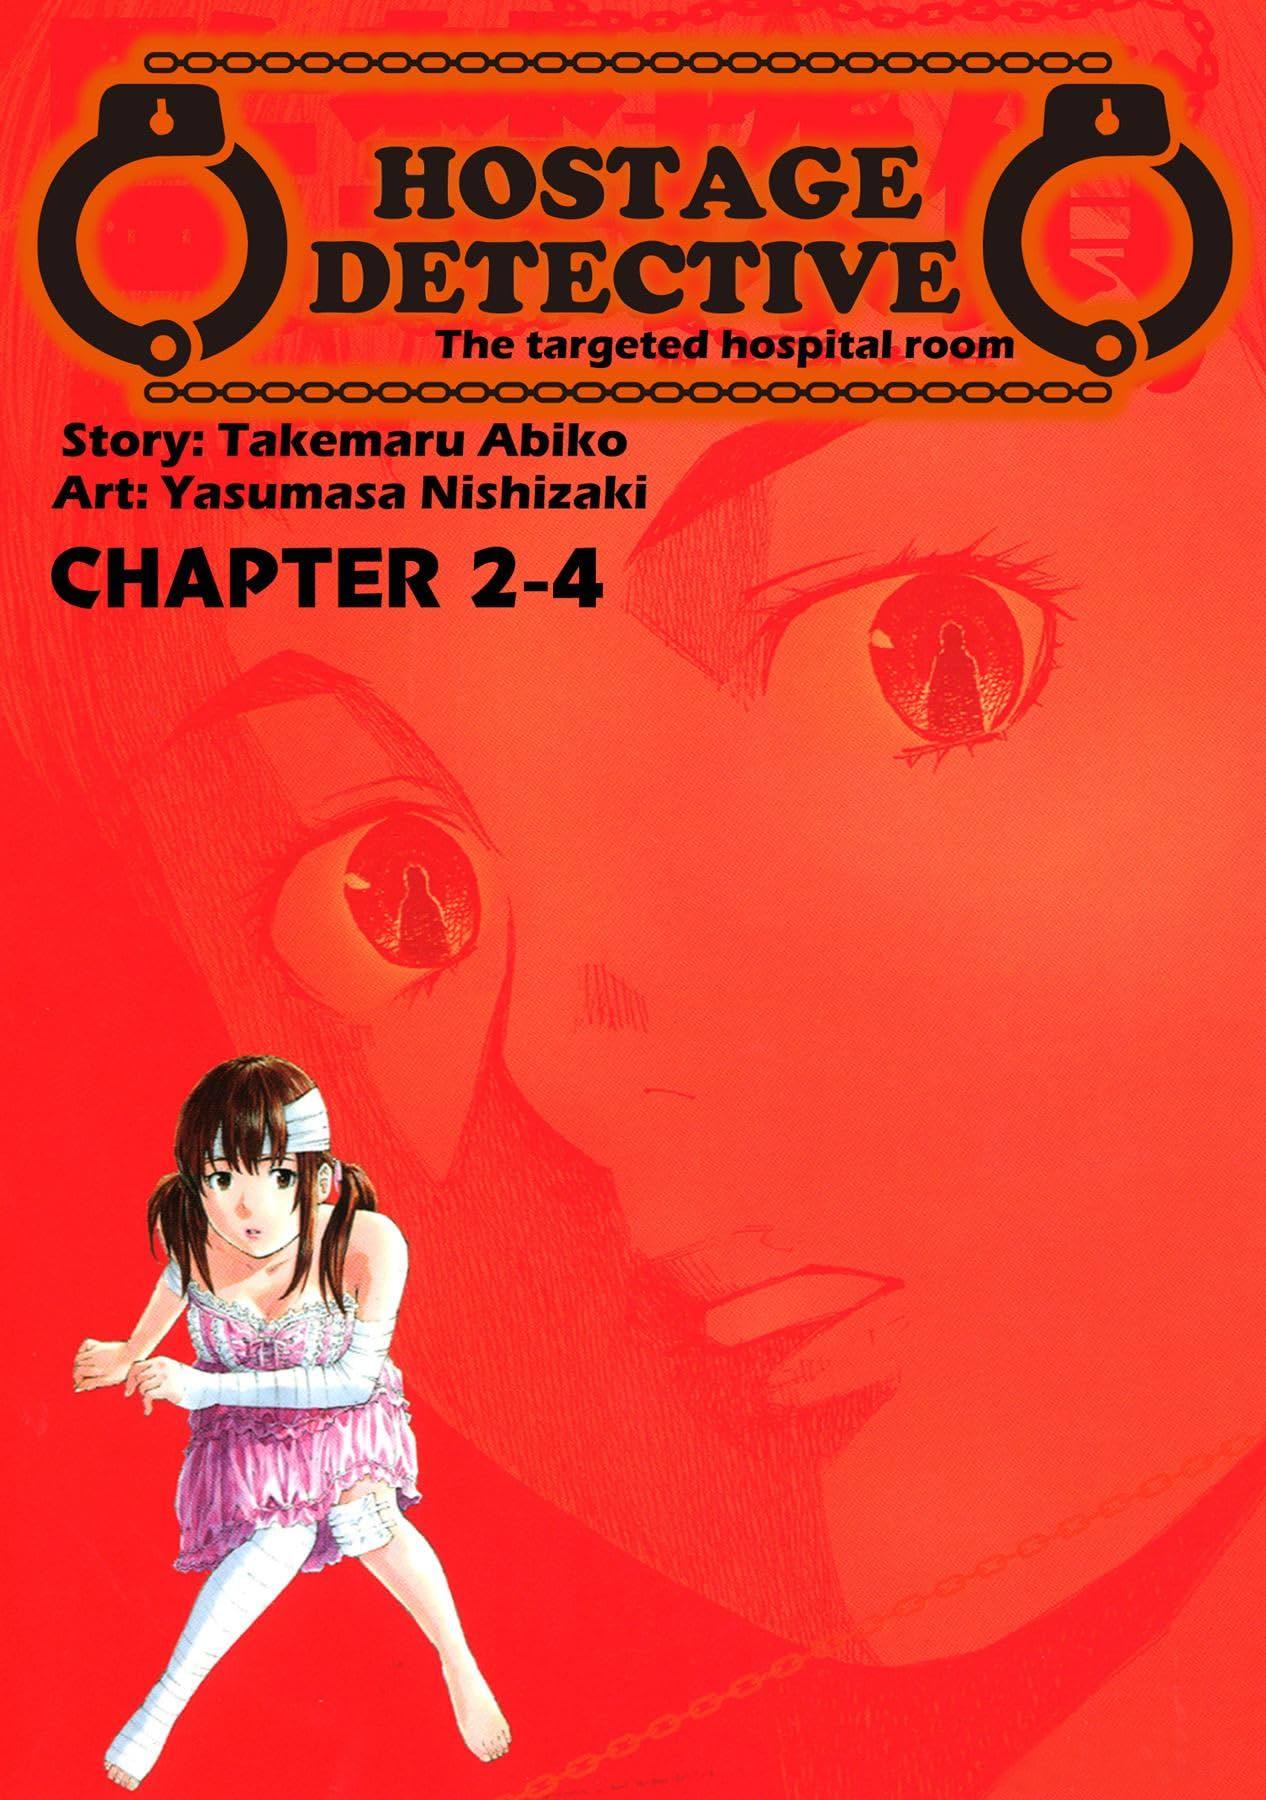 HOSTAGE DETECTIVE #16